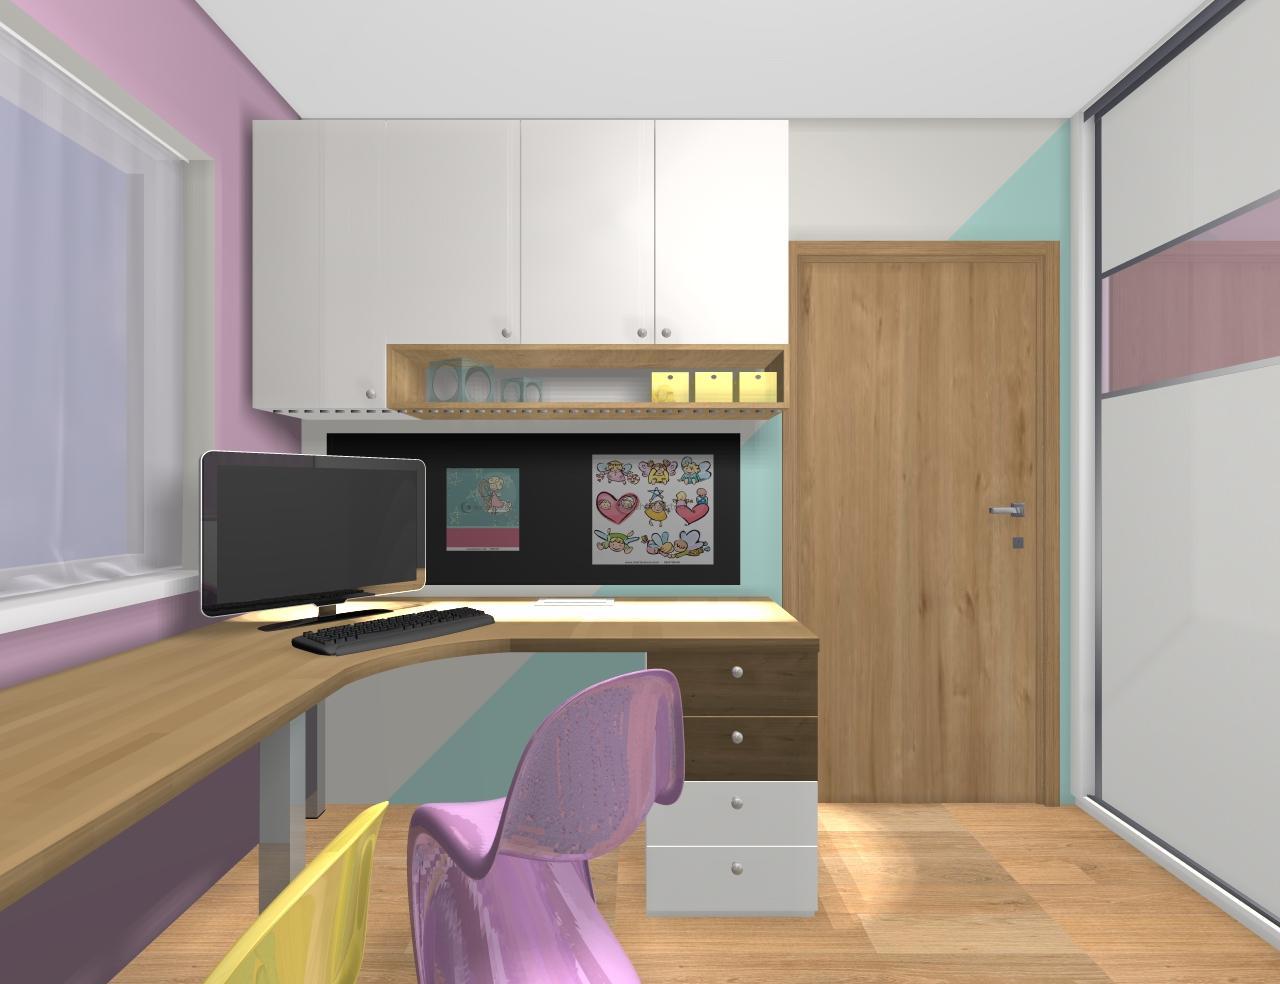 Grafické návrhy interiér 2019 - Grafický návrh detskej izby pre dve dievčatká - verzia 1 - obr.9